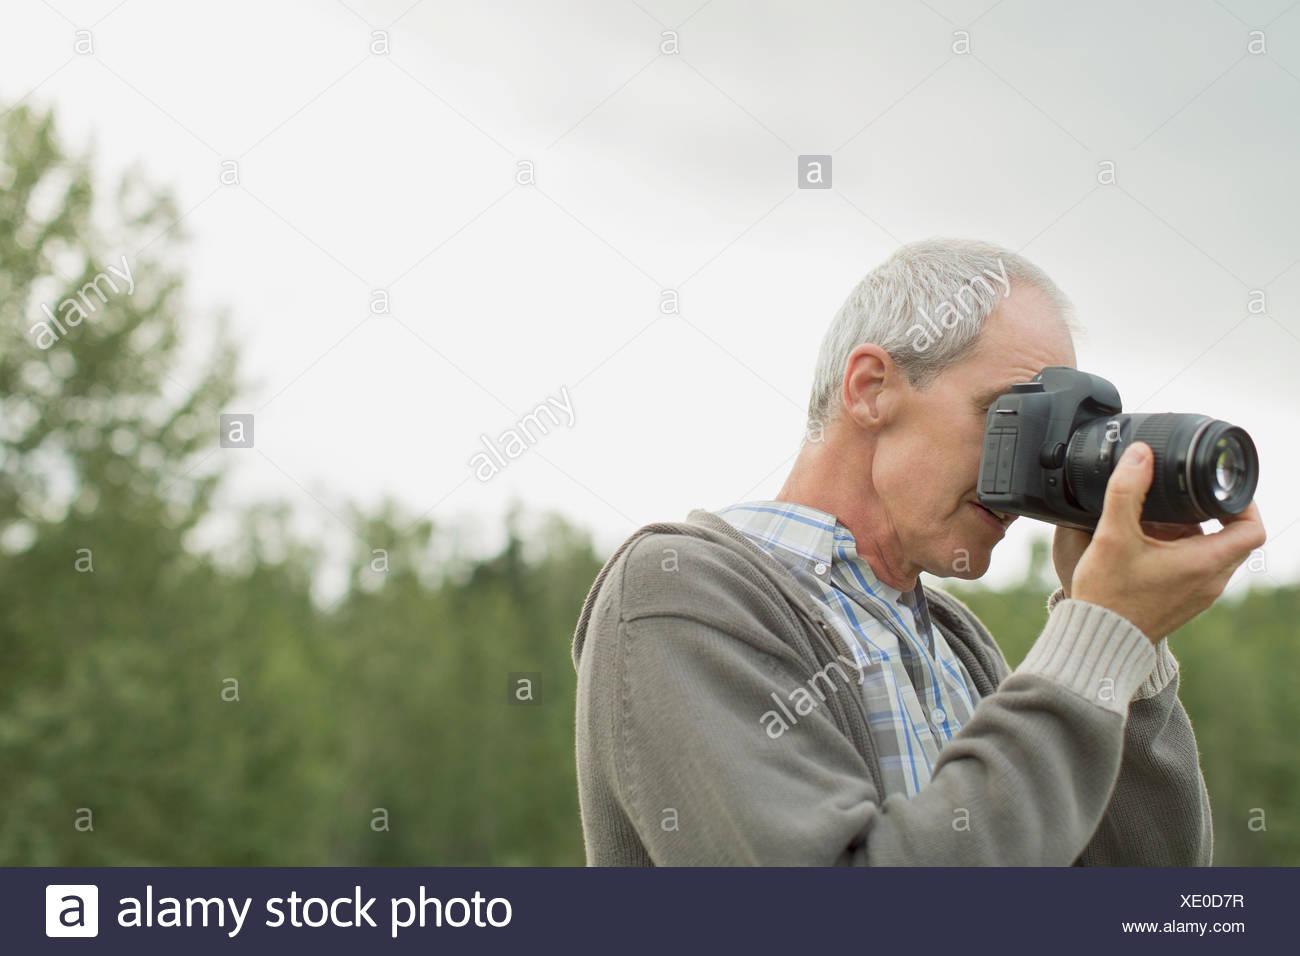 Homme d'âge moyen de la prise de vue à l'extérieur. Photo Stock